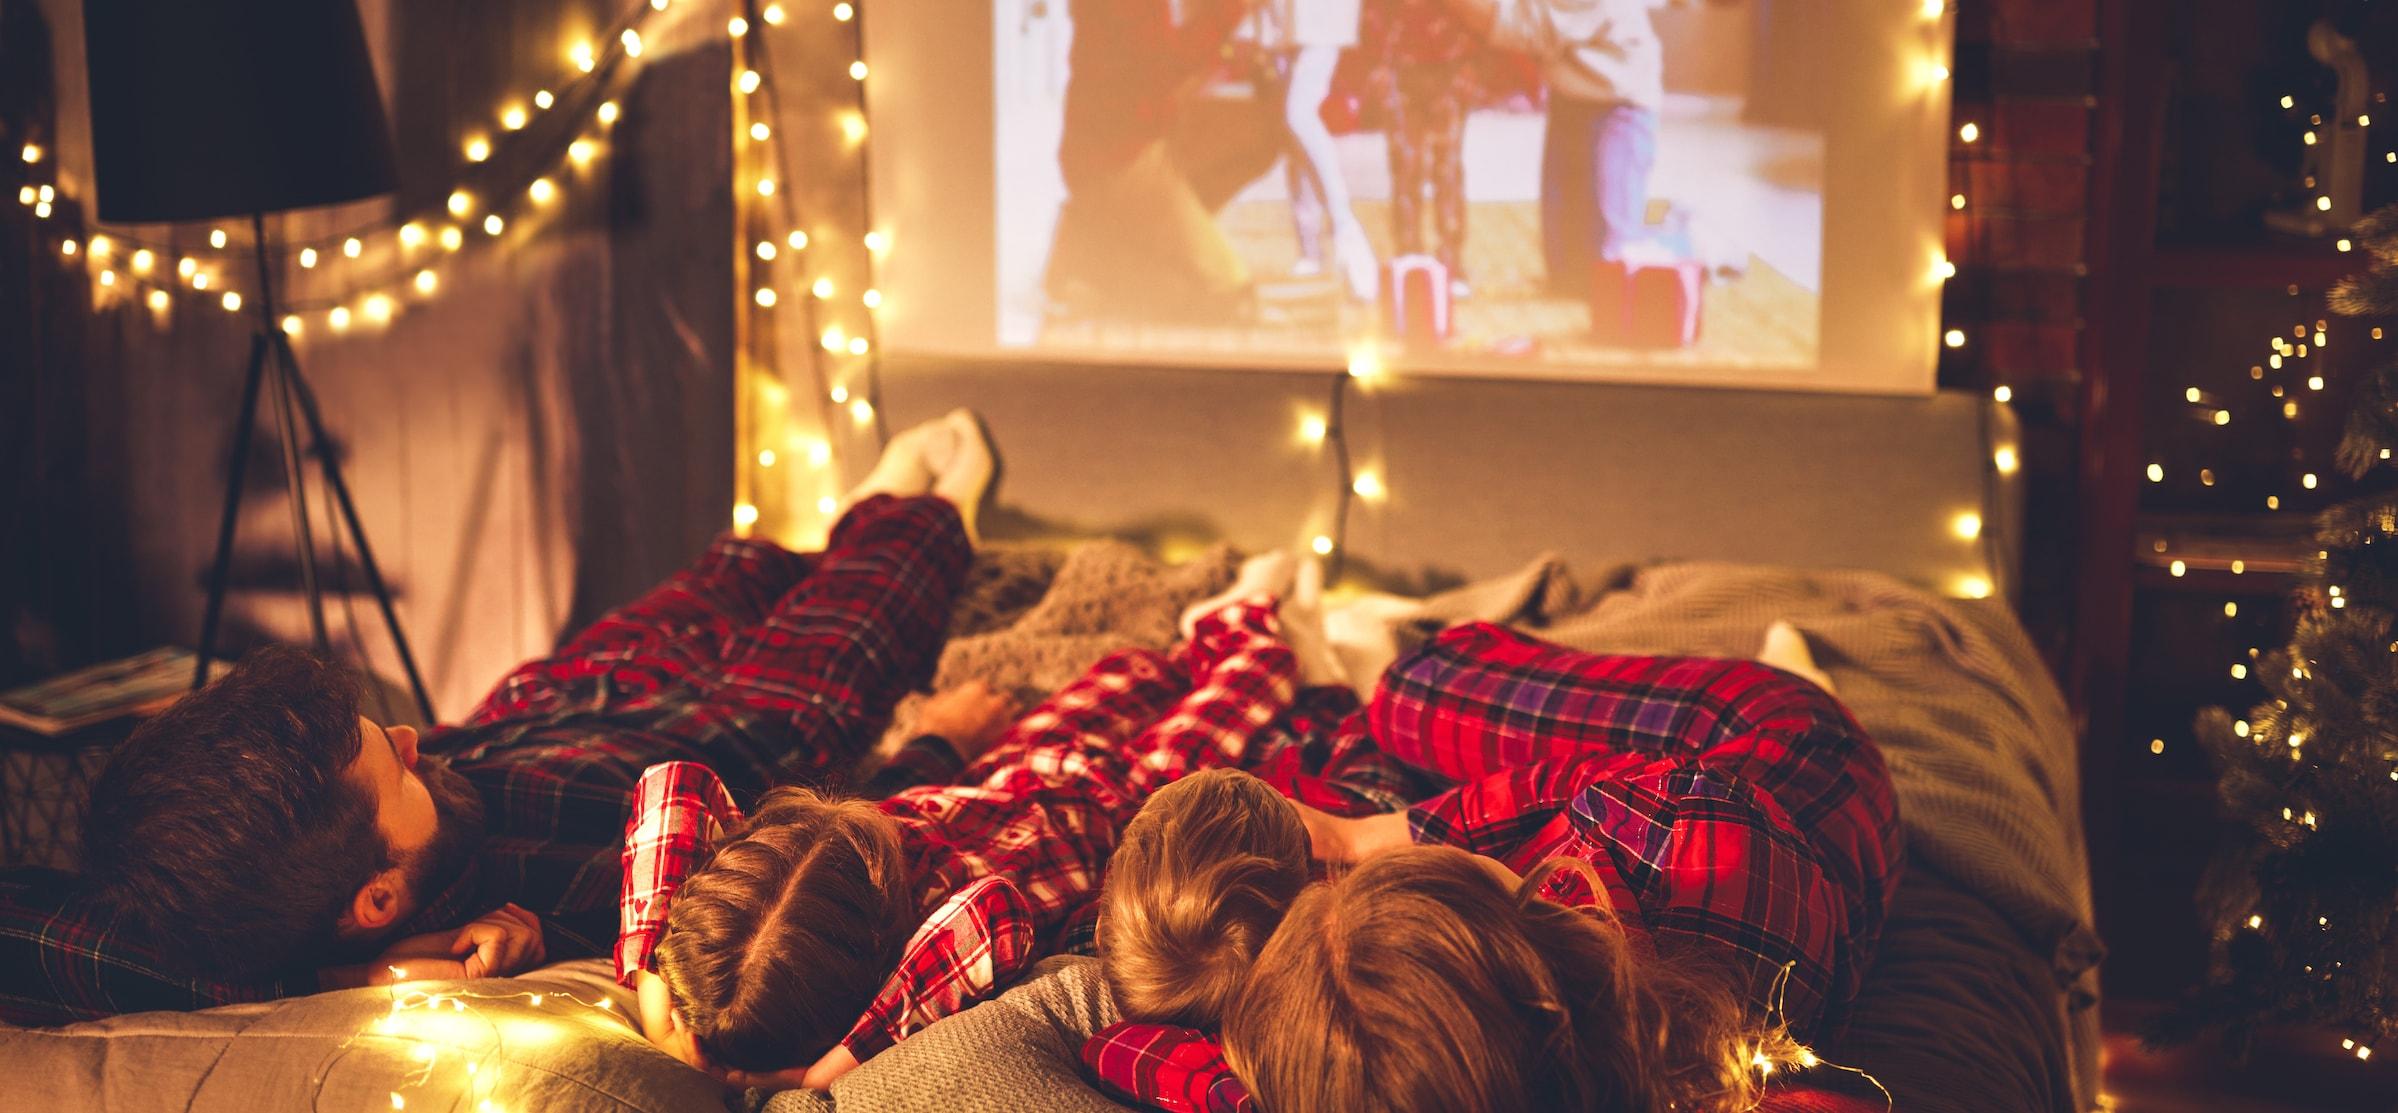 Te filmy wprowadzą cię w dobry nastrój. Sprawdziliśmy, co obejrzeć w Święta Bożego Narodzenia